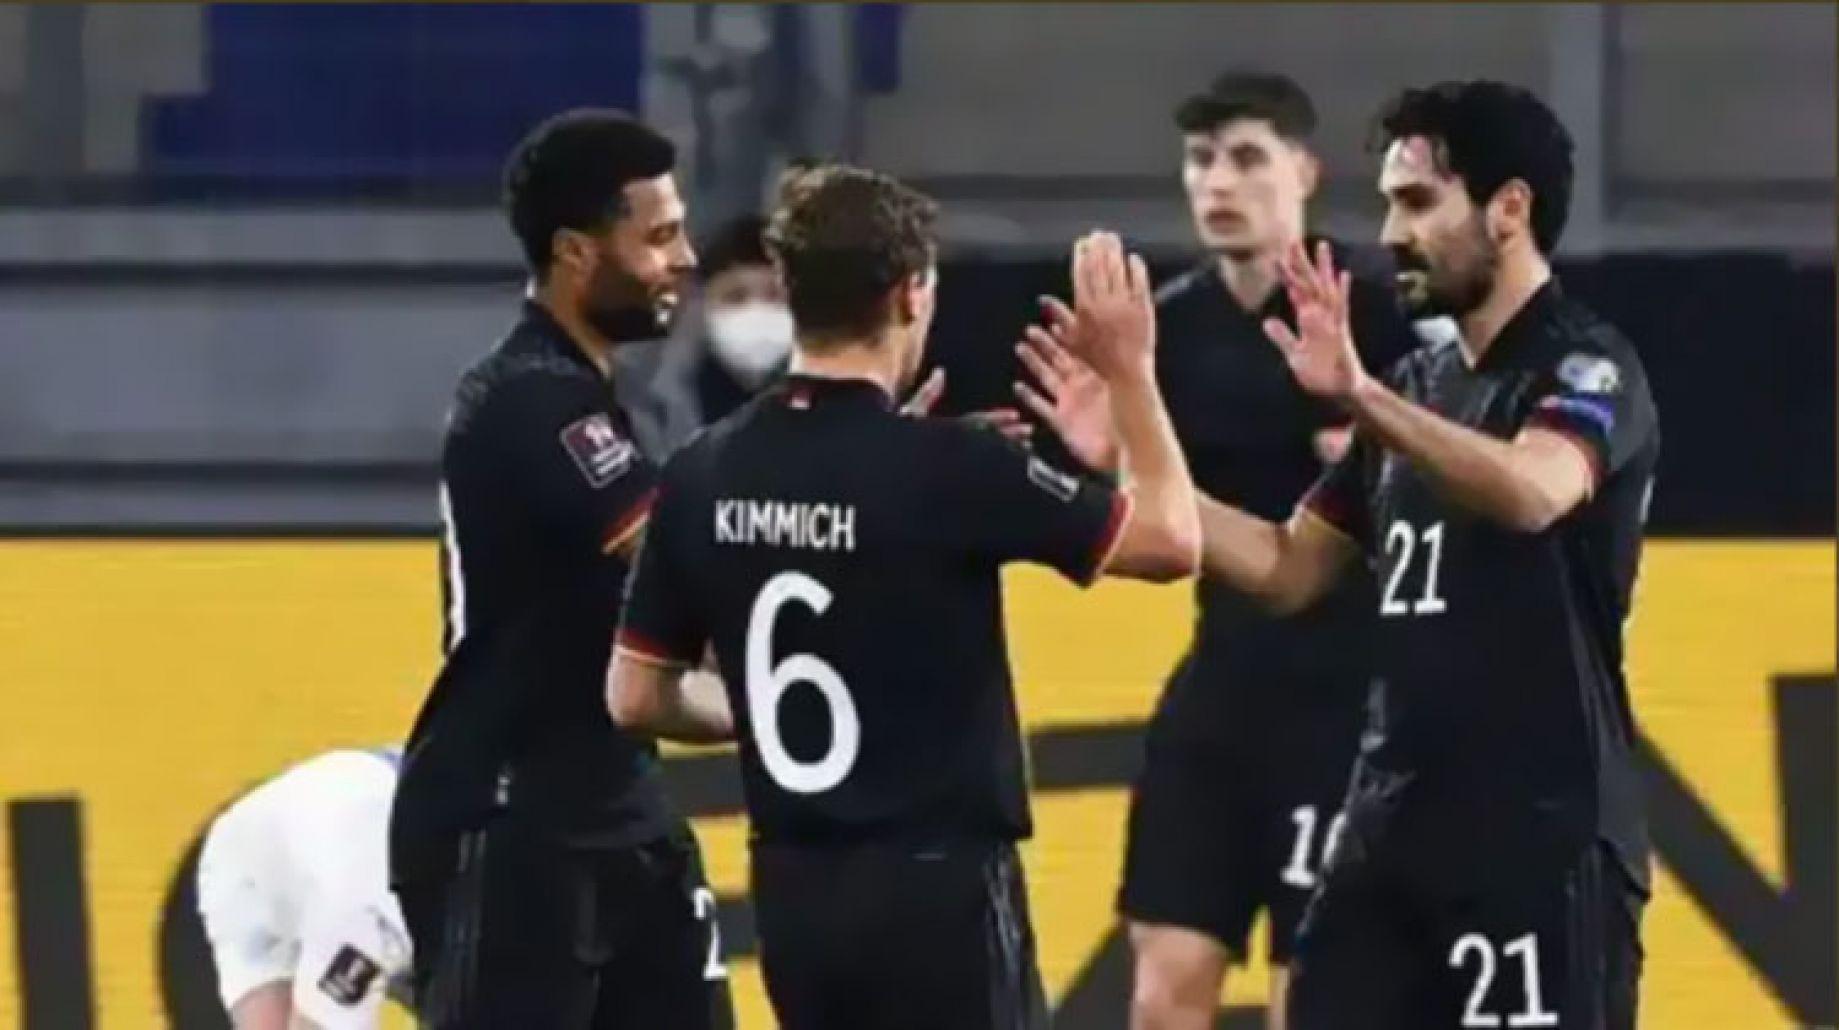 بالفيديو والصور  ..  المنتخب الألماني يحقق الفوز الثاني في تصفيات كأس العالم